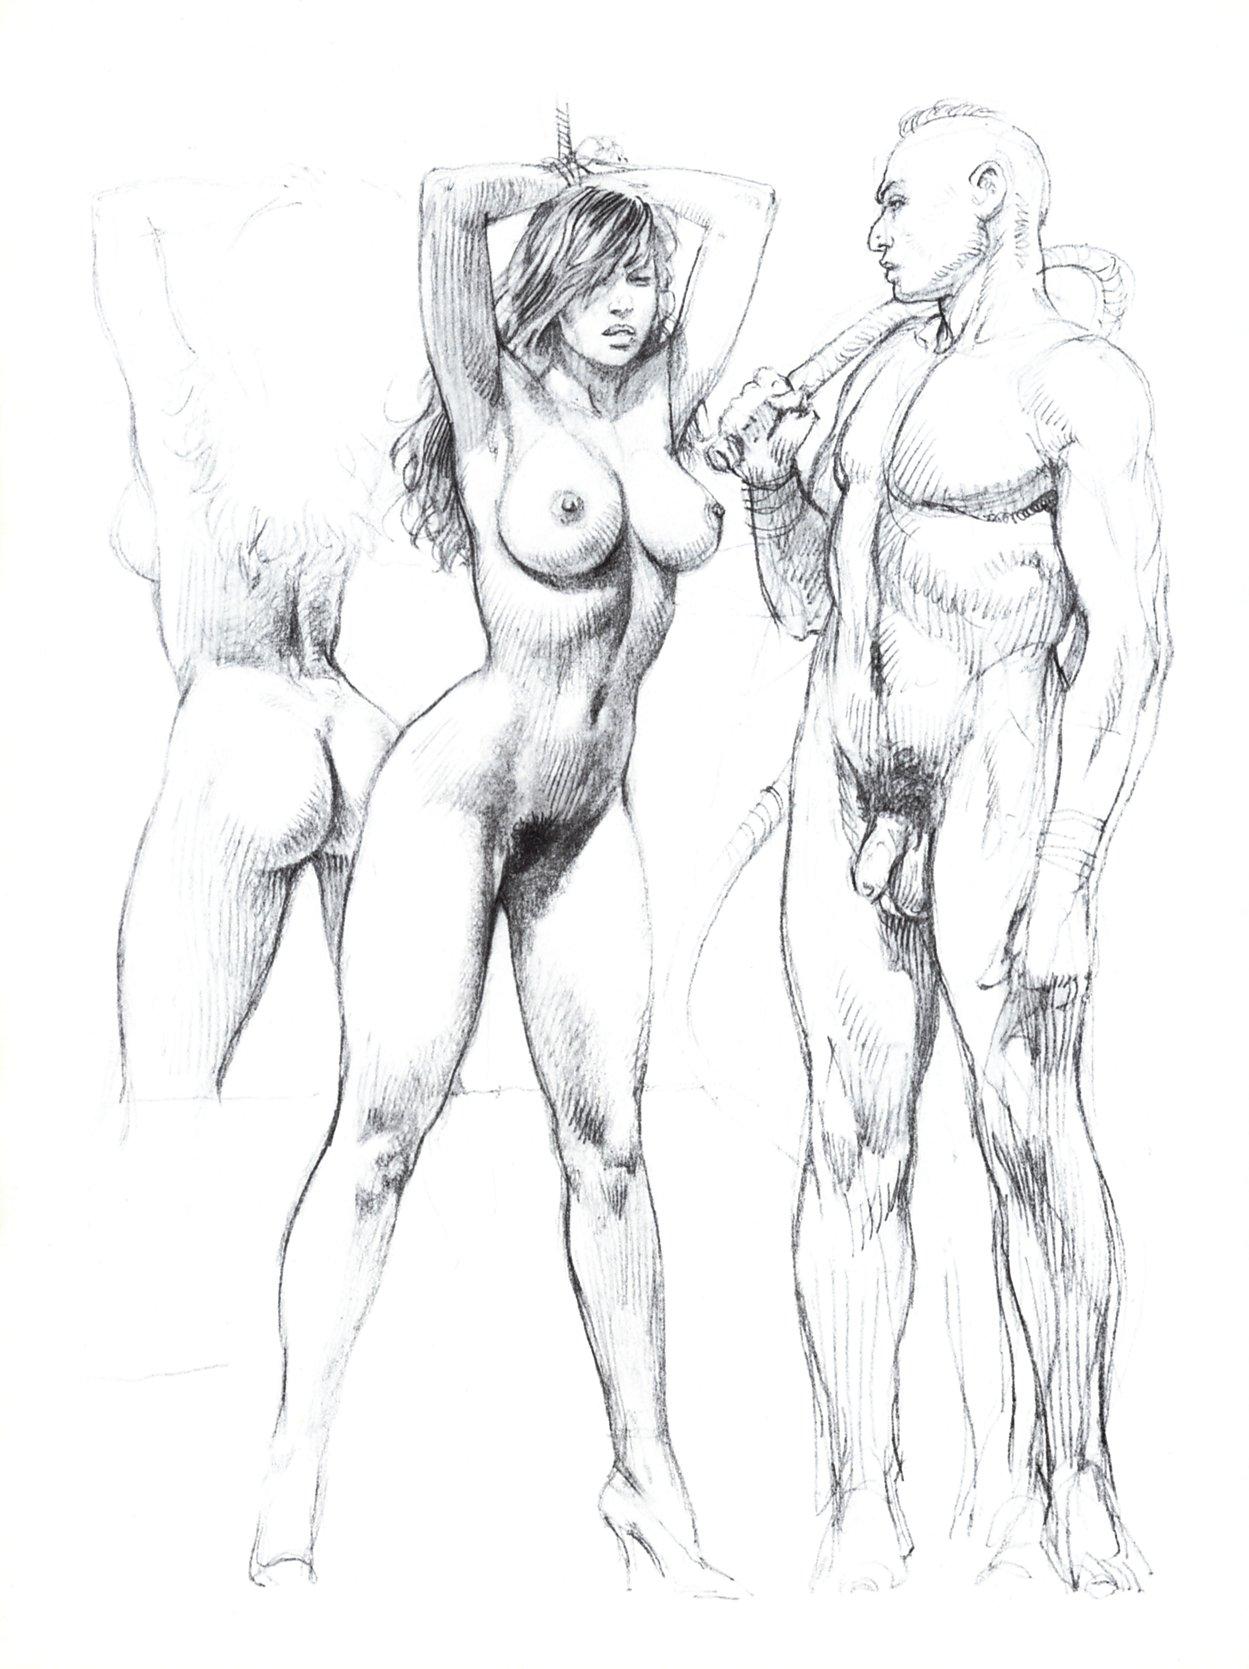 Секс нарисованный карандашом 19 фотография